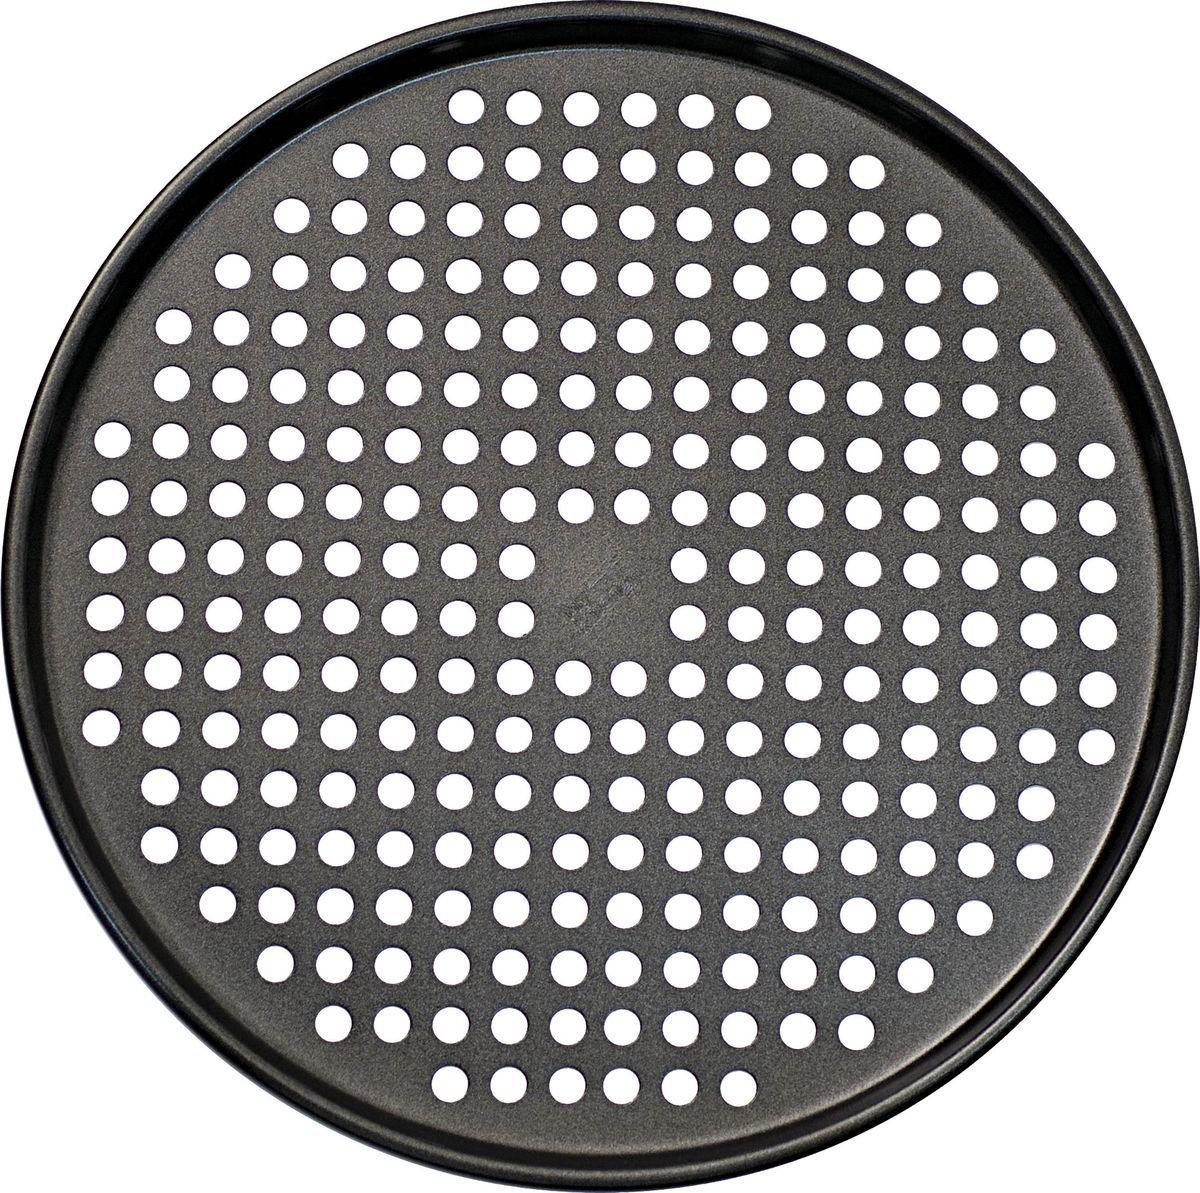 Форма для пиццы Salt&Pepper Heavy Bake, 33 см391602Корпус формы для выпечки выполнен из углеродистой стали для энергосберегающего и равномерного прогревания, что обеспечивает однородность выпечки. Внутреннее покрытие -2-х слойное антипригарное, которое не содержит ПФОК, что позволяет легко извлечь выпечку из формы. Толстые стенки корпуса предотвращают деформацию. Легко моется. Подходит для использования в духовом шкафу. Рекомендуется мыть вручную. Рекомендуется использовать деревянные и силиконовые аксессуары.